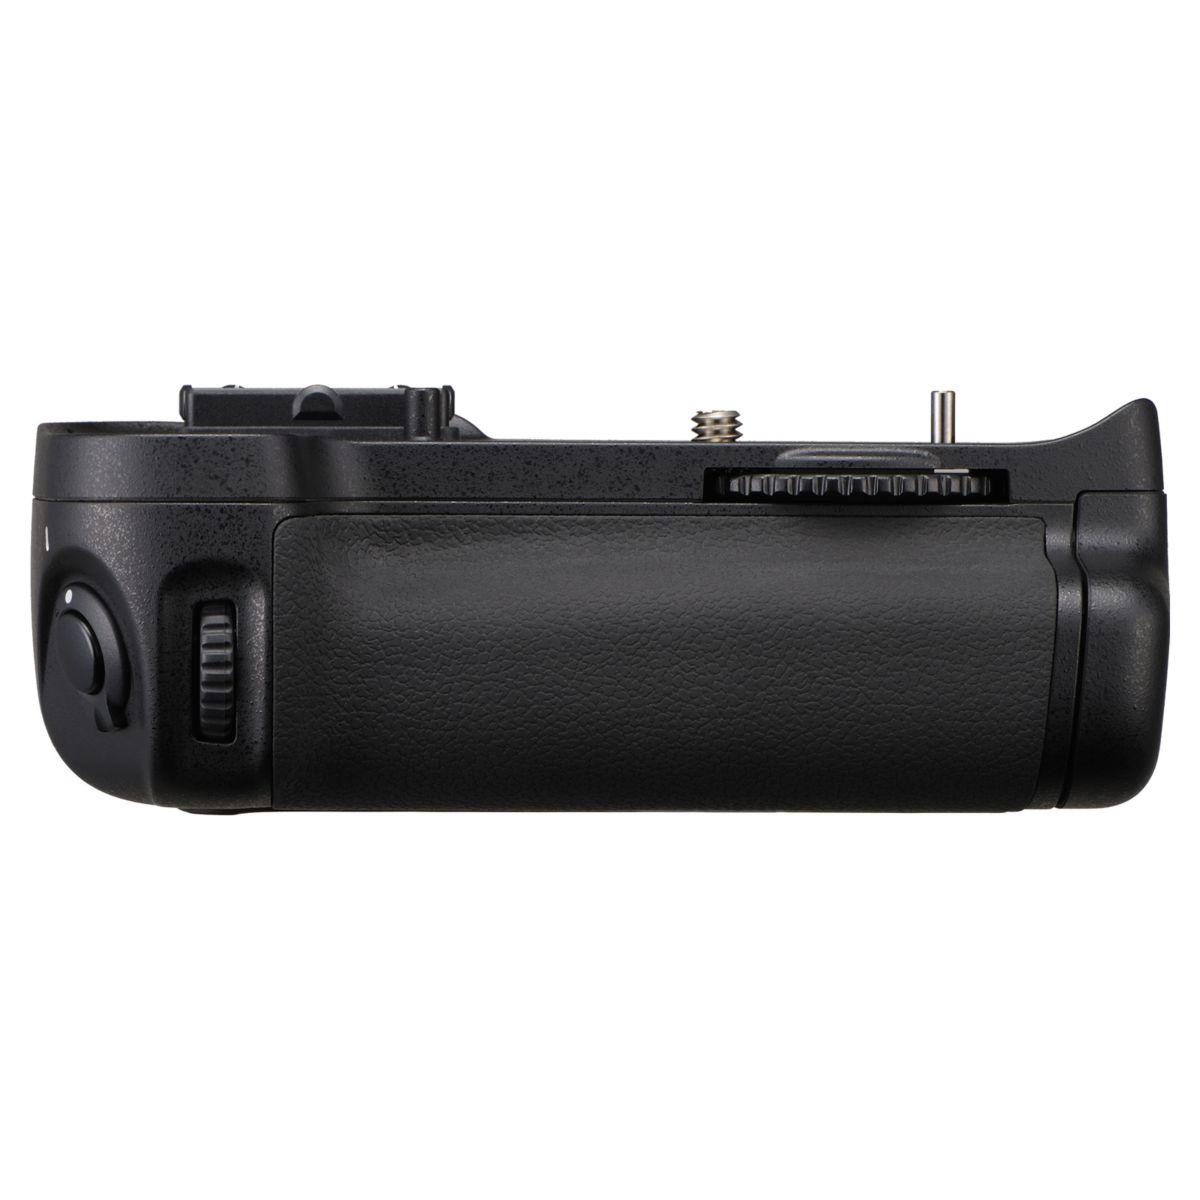 Poignée d'alimentation NIKON MB-D11 pour Nikon D7000